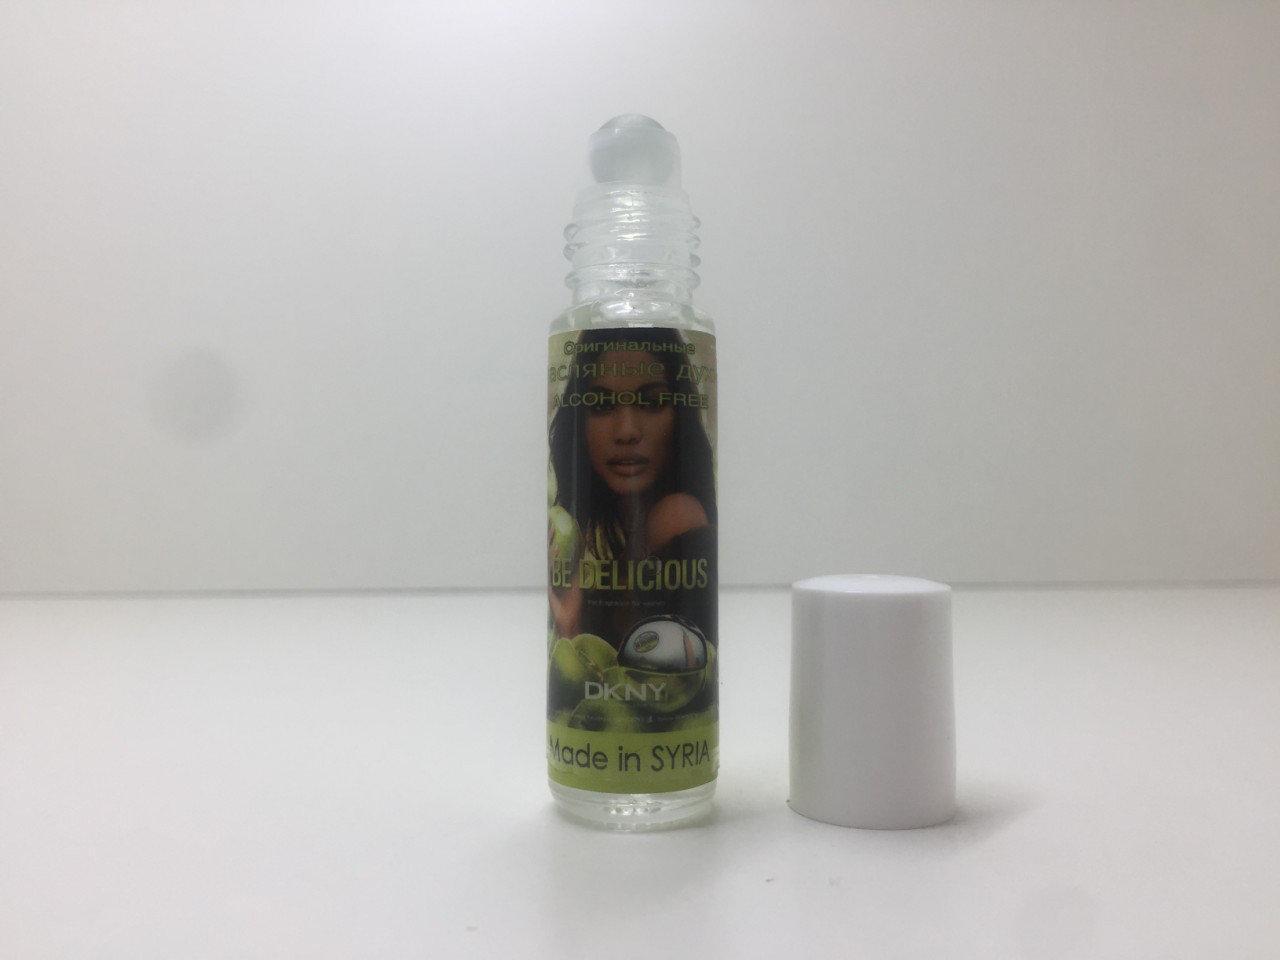 Женский масляный мини парфюм DKNY Be Delicious 9 ml Сирия (реплика)